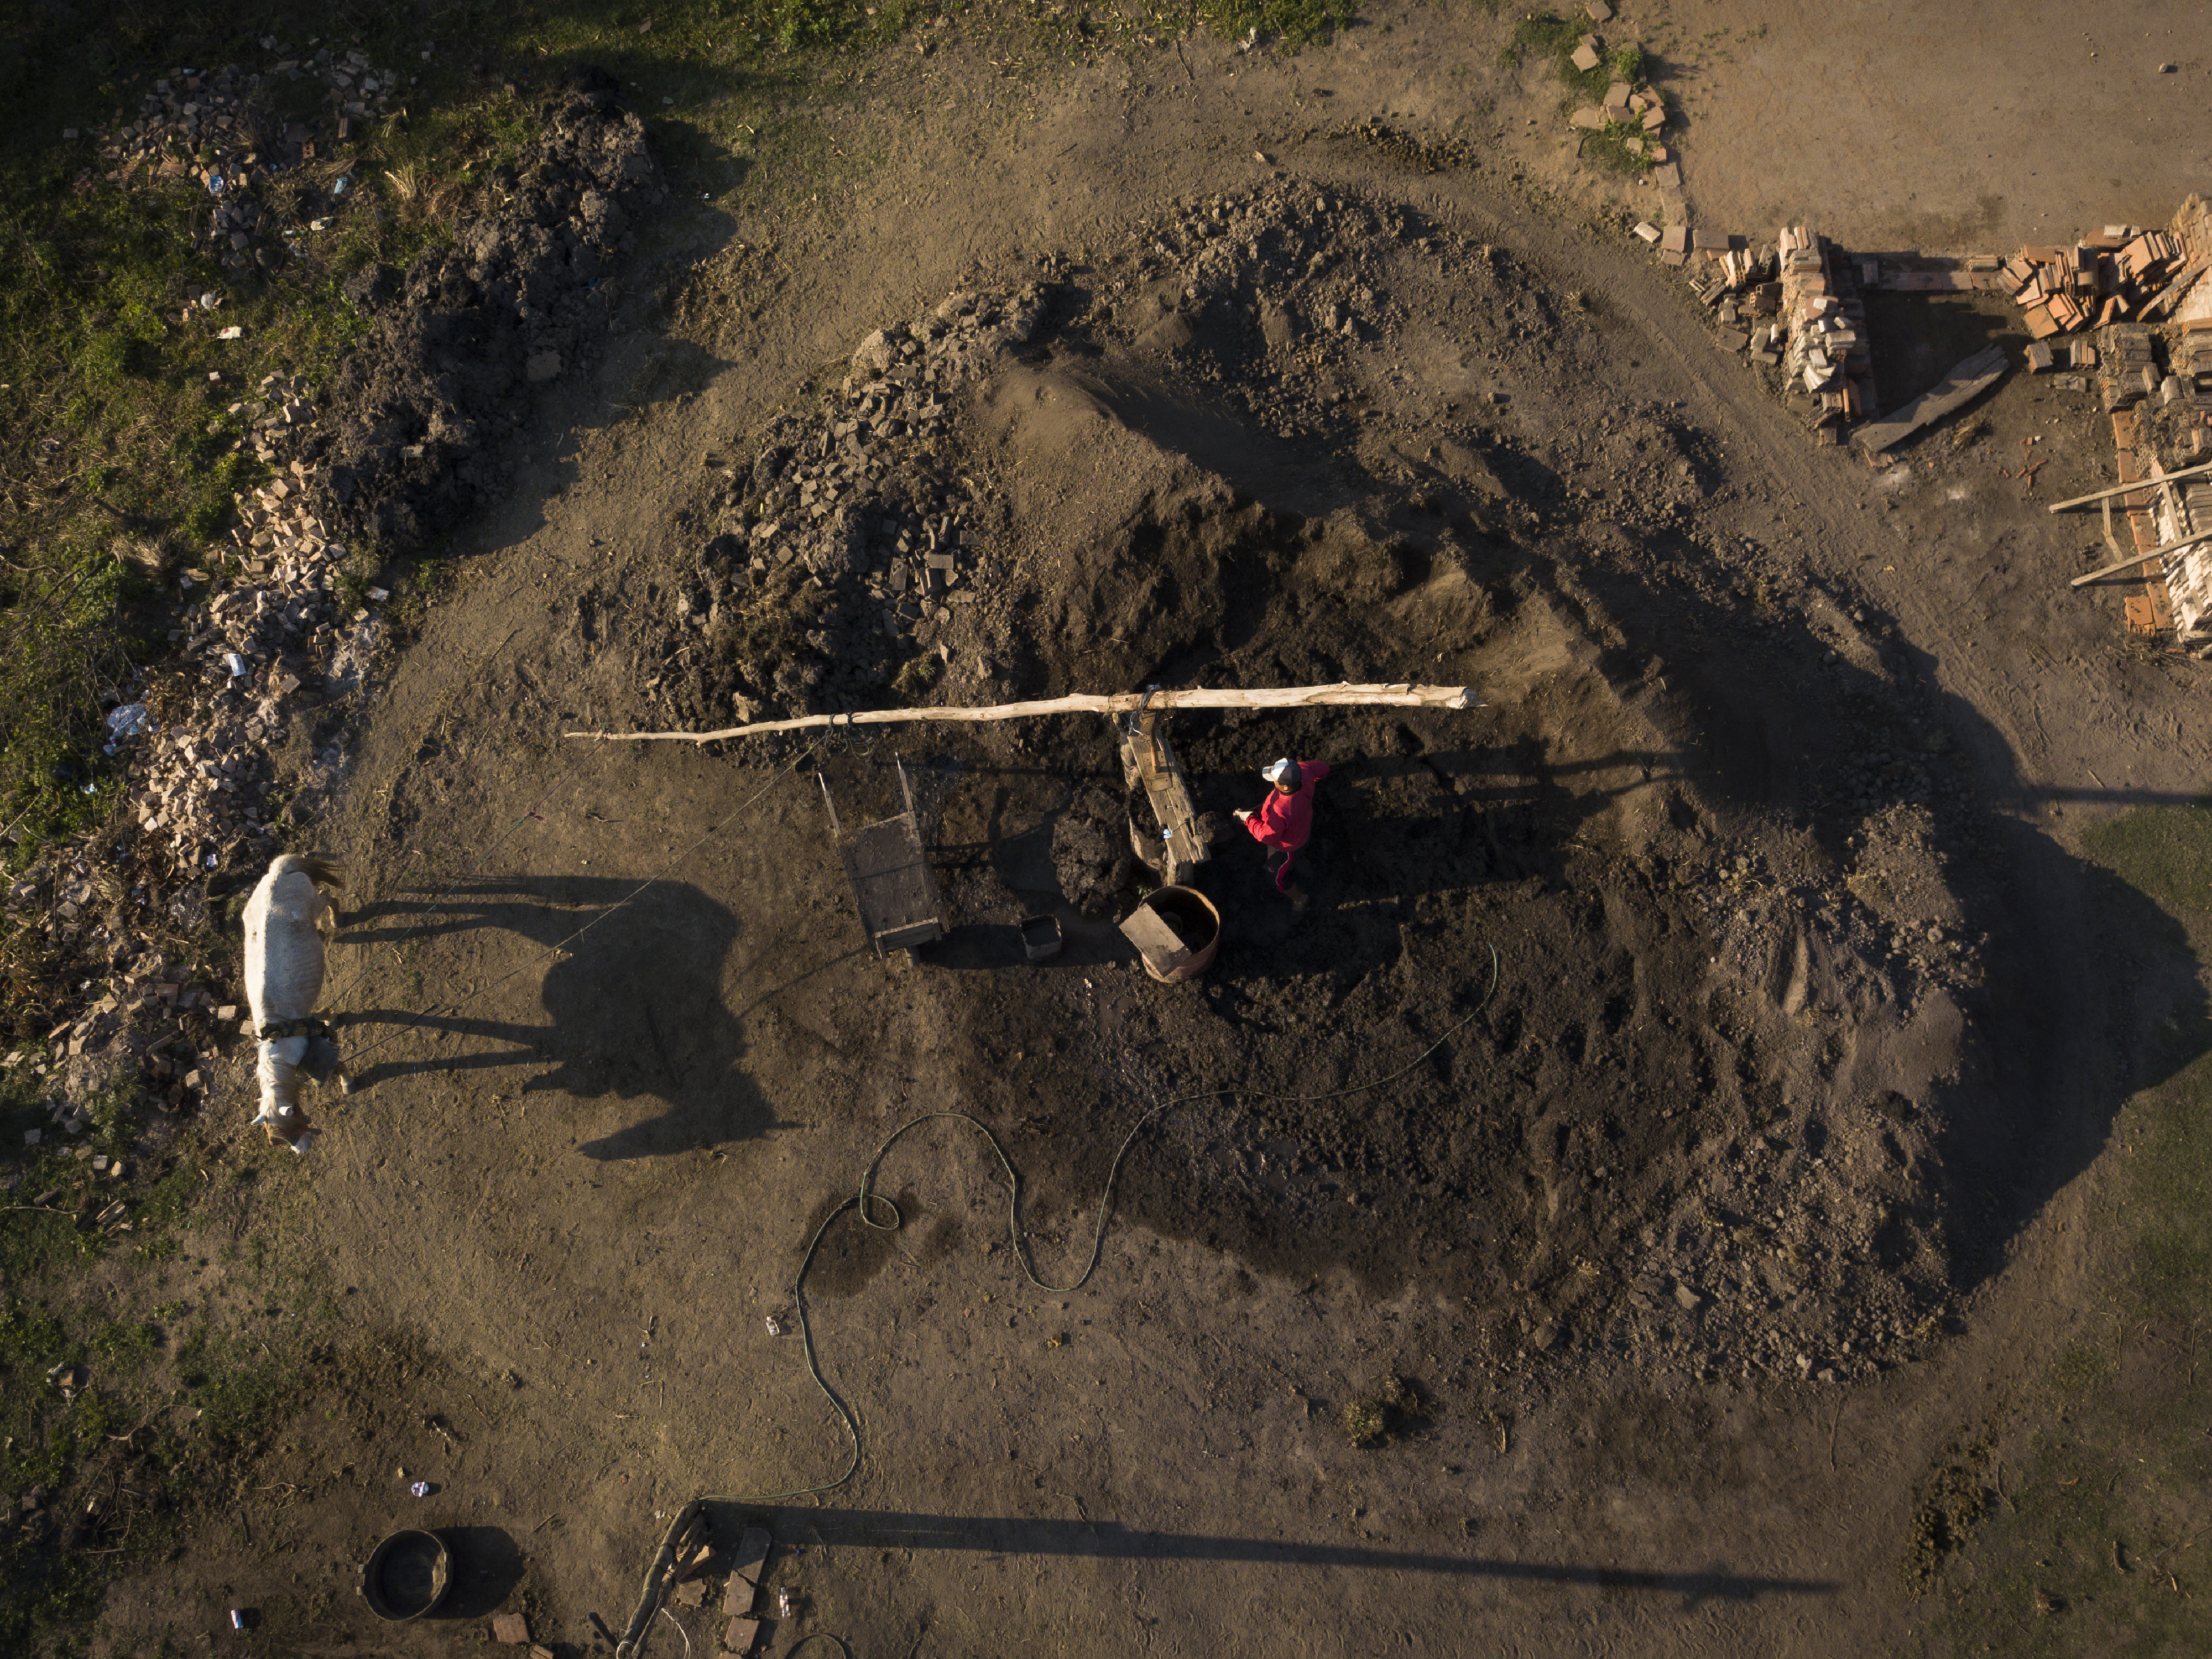 Un trabajador pone arcilla en un agujero alrededor del cual un burro mueve la rueda que amasa la mezcla en una fábrica de ladrillos familiar en Tobati, Paraguay, el viernes 4 de septiembre de 2020.